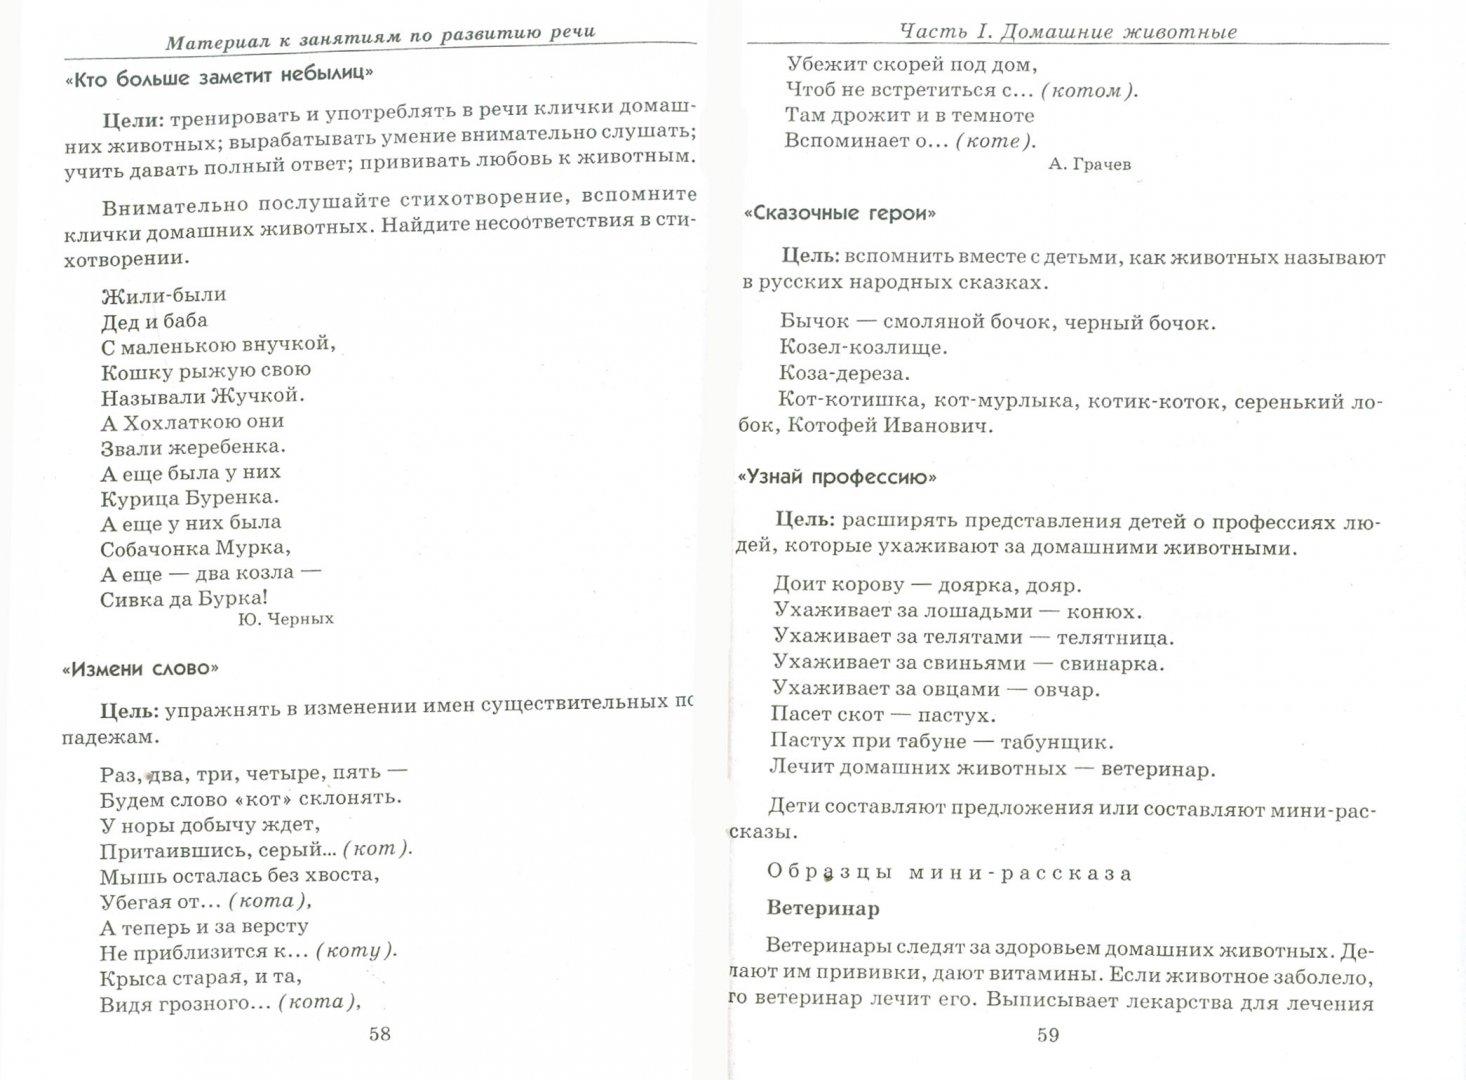 Иллюстрация 1 из 7 для Материал к занятиям по развитию речи: Домашние животные и птицы - Татьяна Подрезова | Лабиринт - книги. Источник: Лабиринт